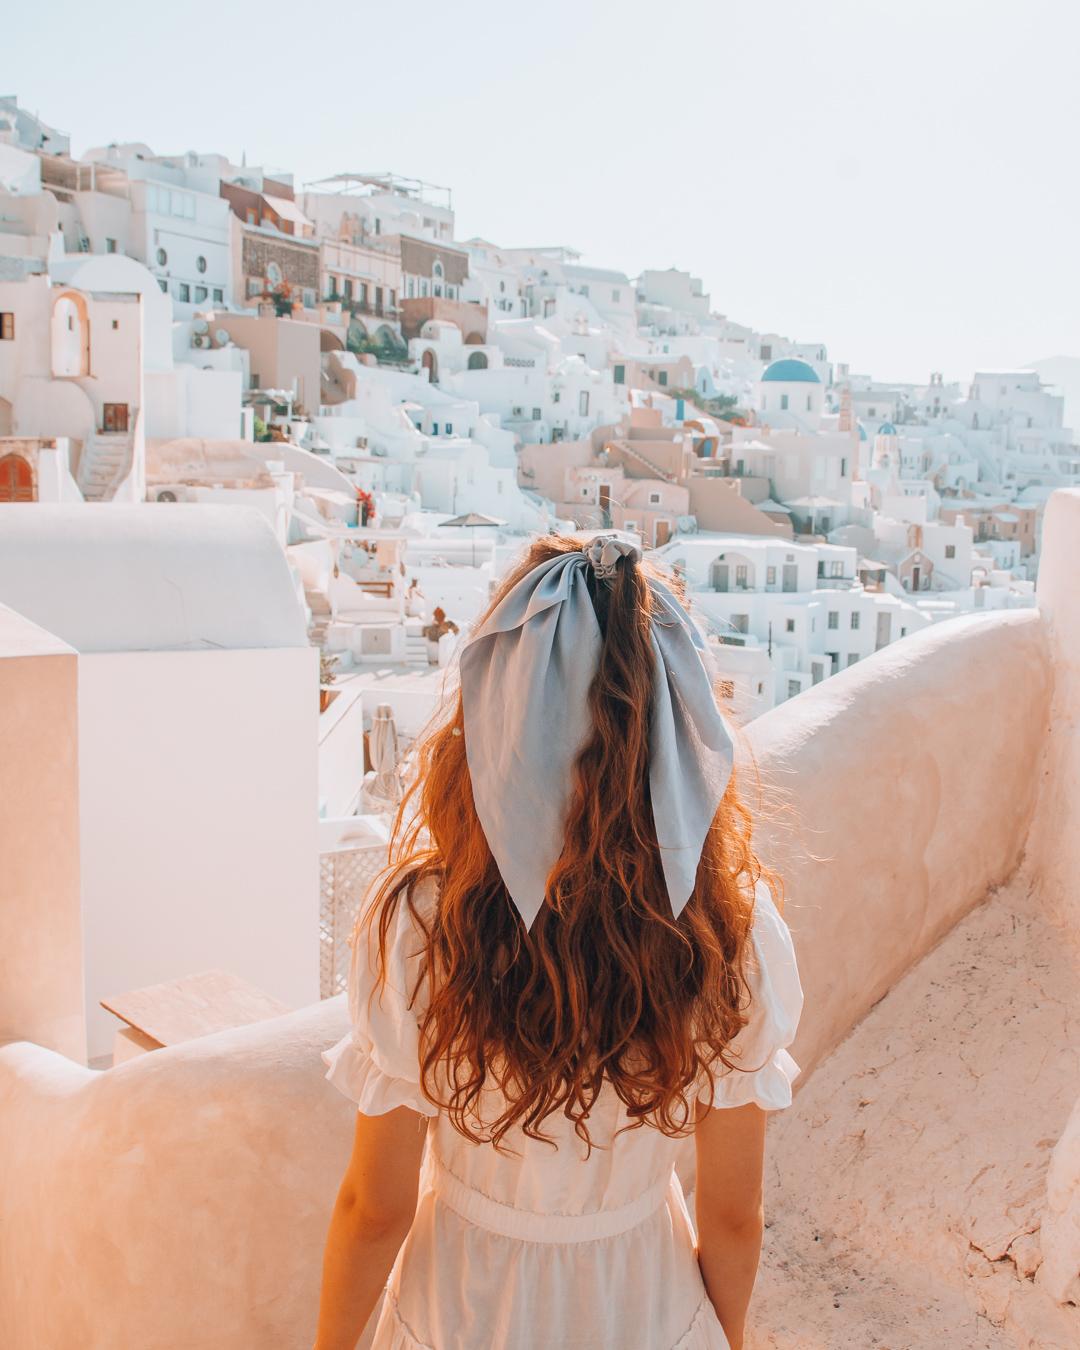 Girl enjoying the view over white houses in Santorini